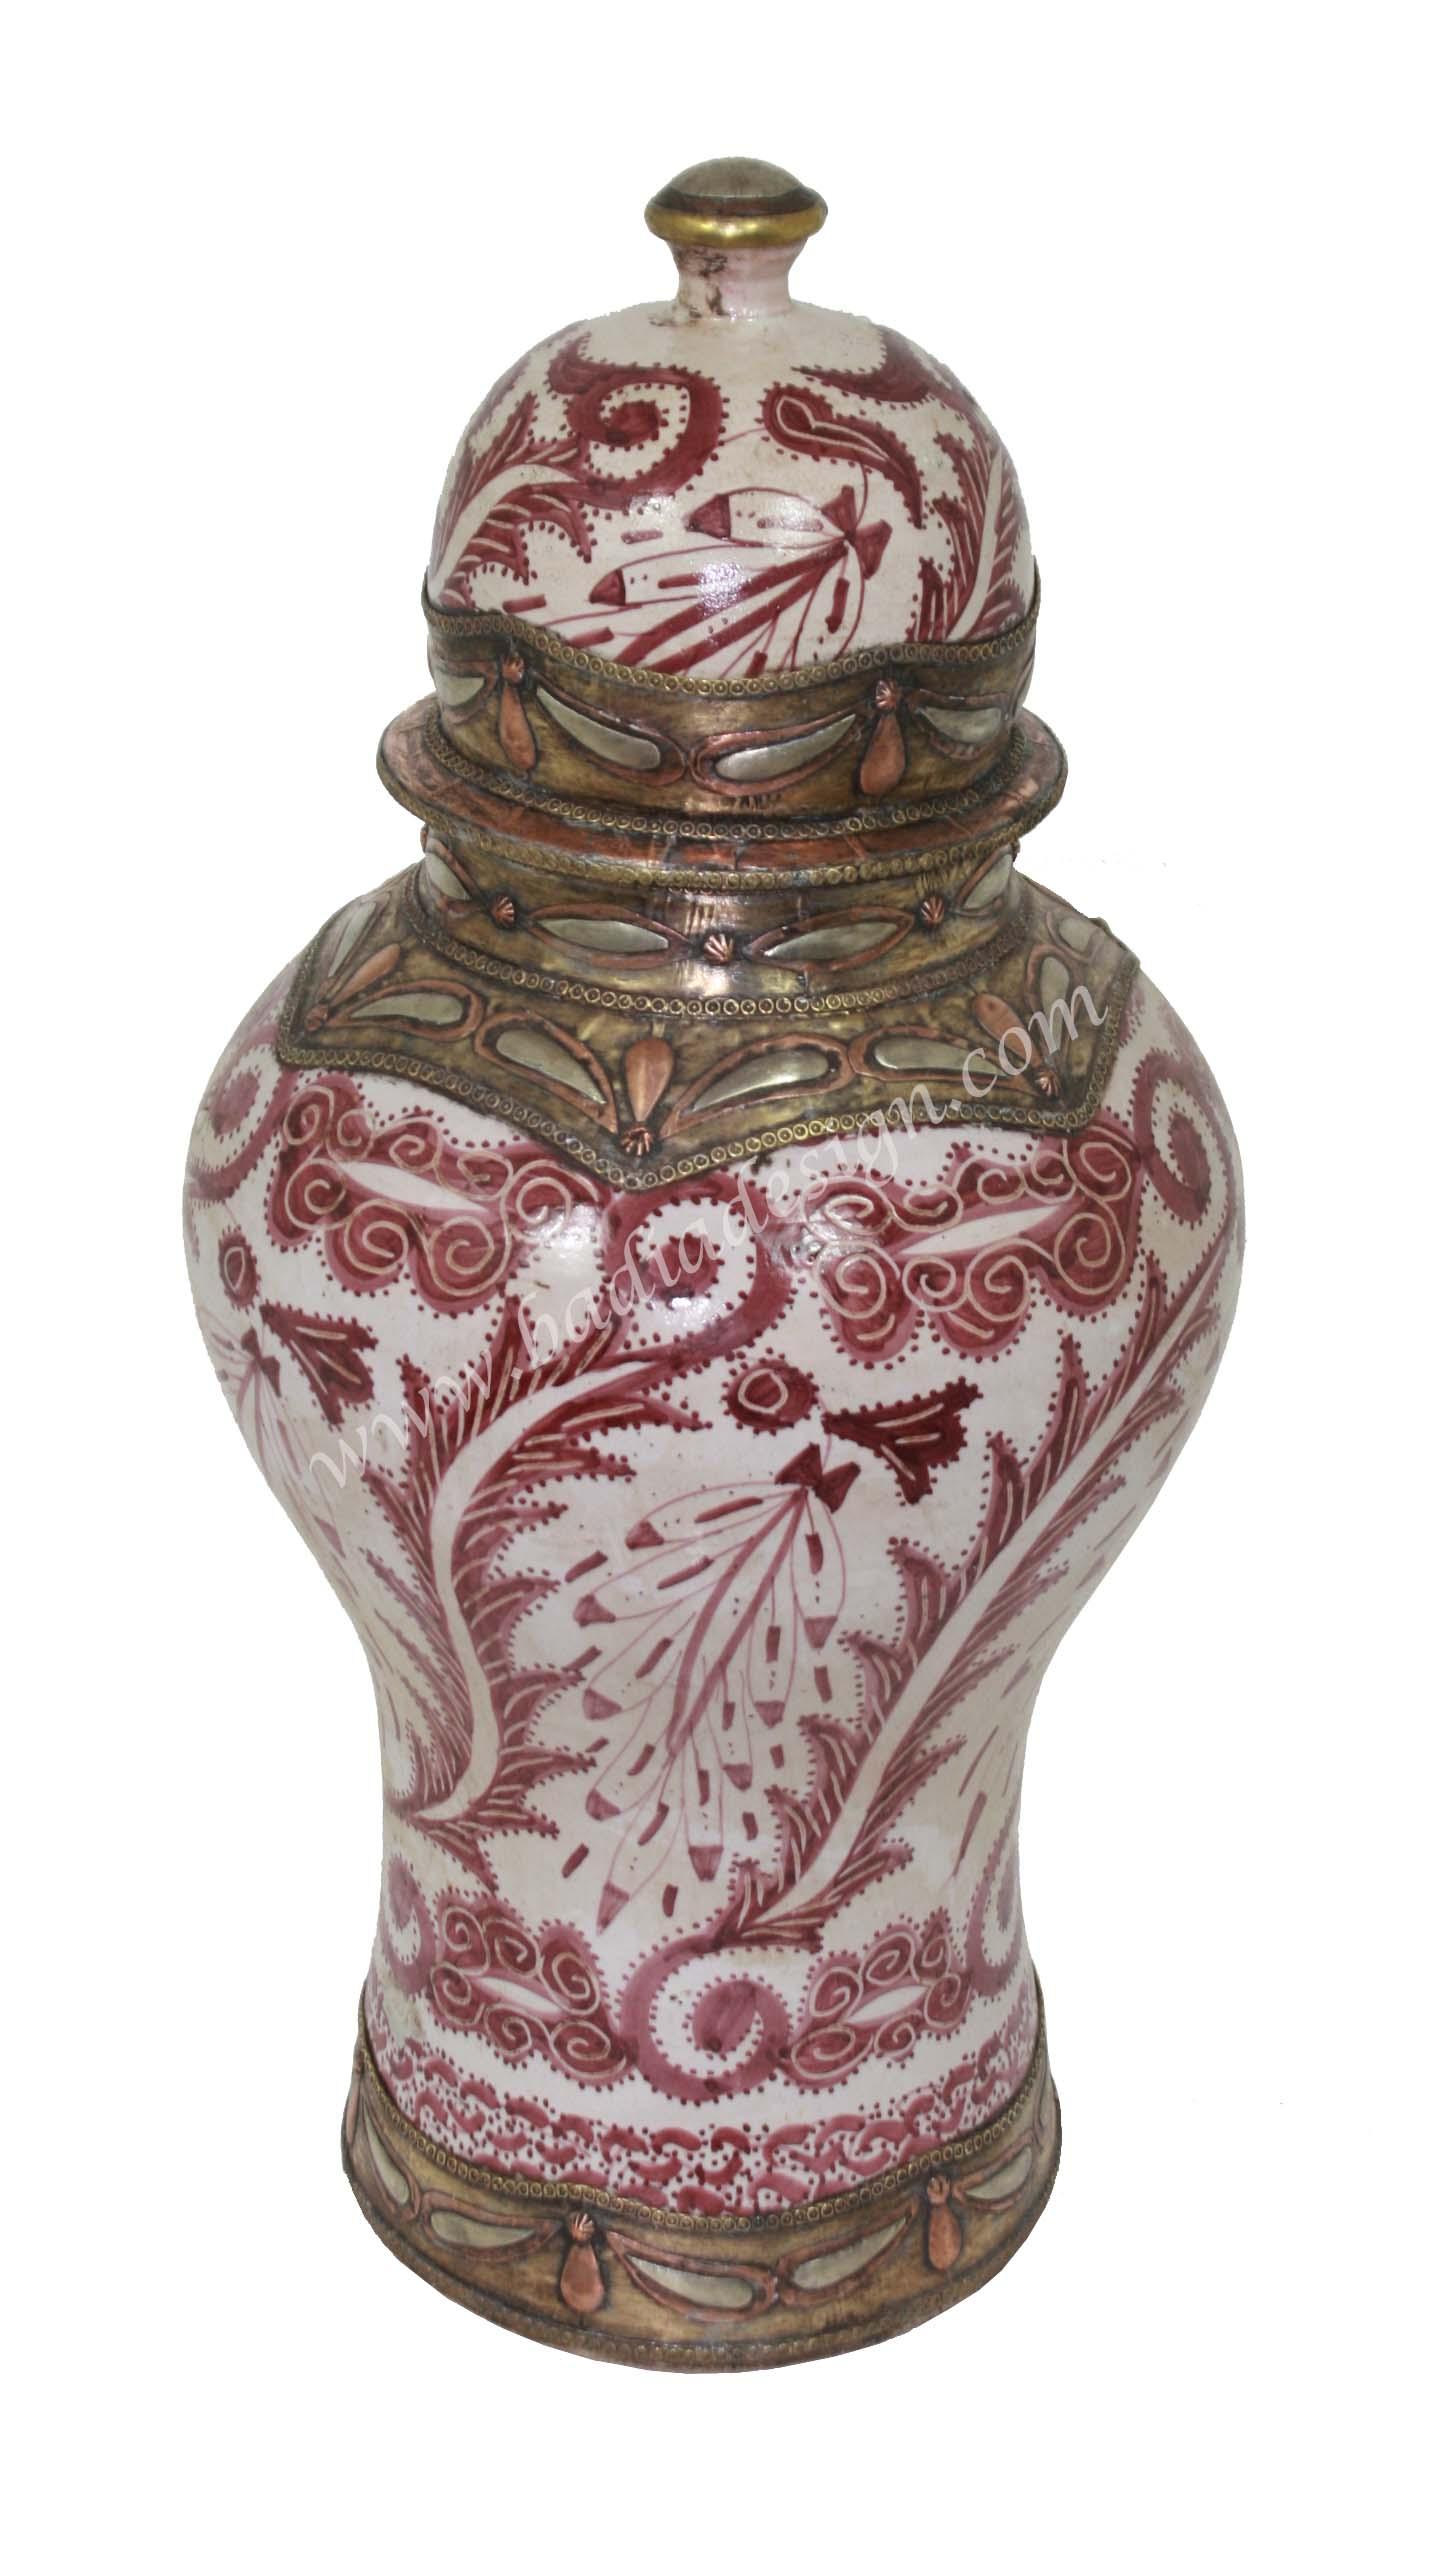 red-metal-and-ceramic-urn-va078.jpg